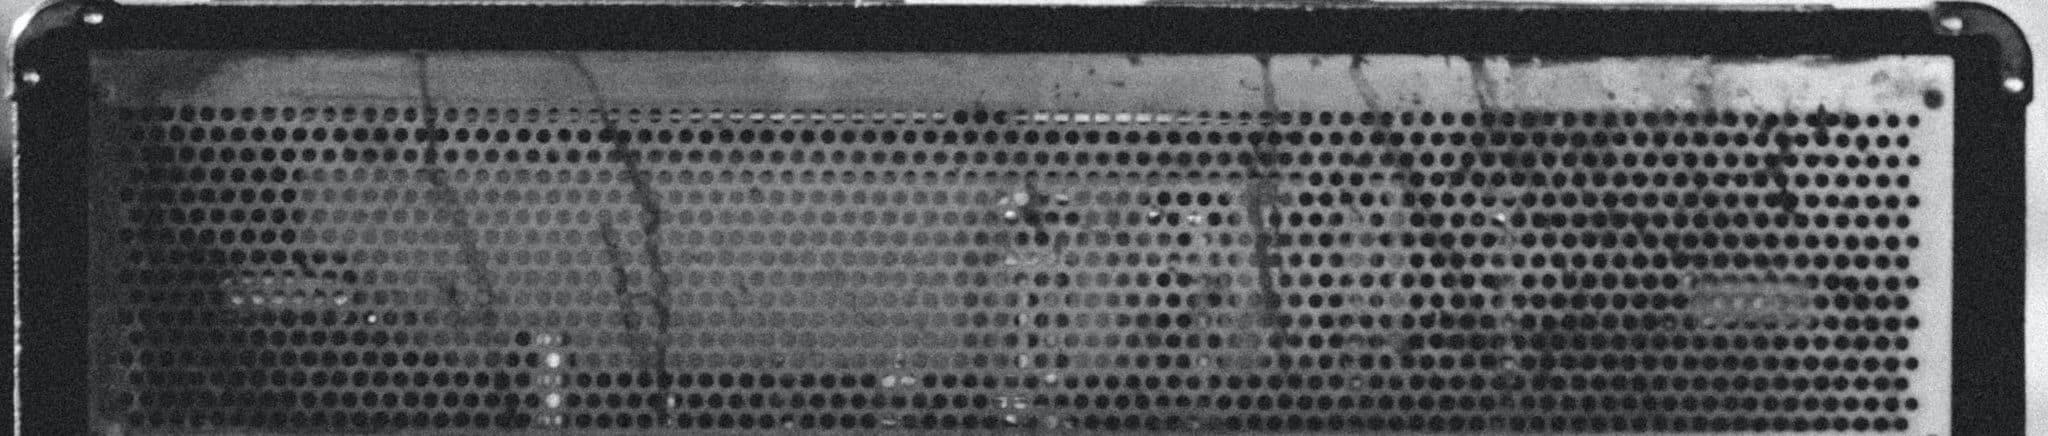 BW Amp 002 scaled